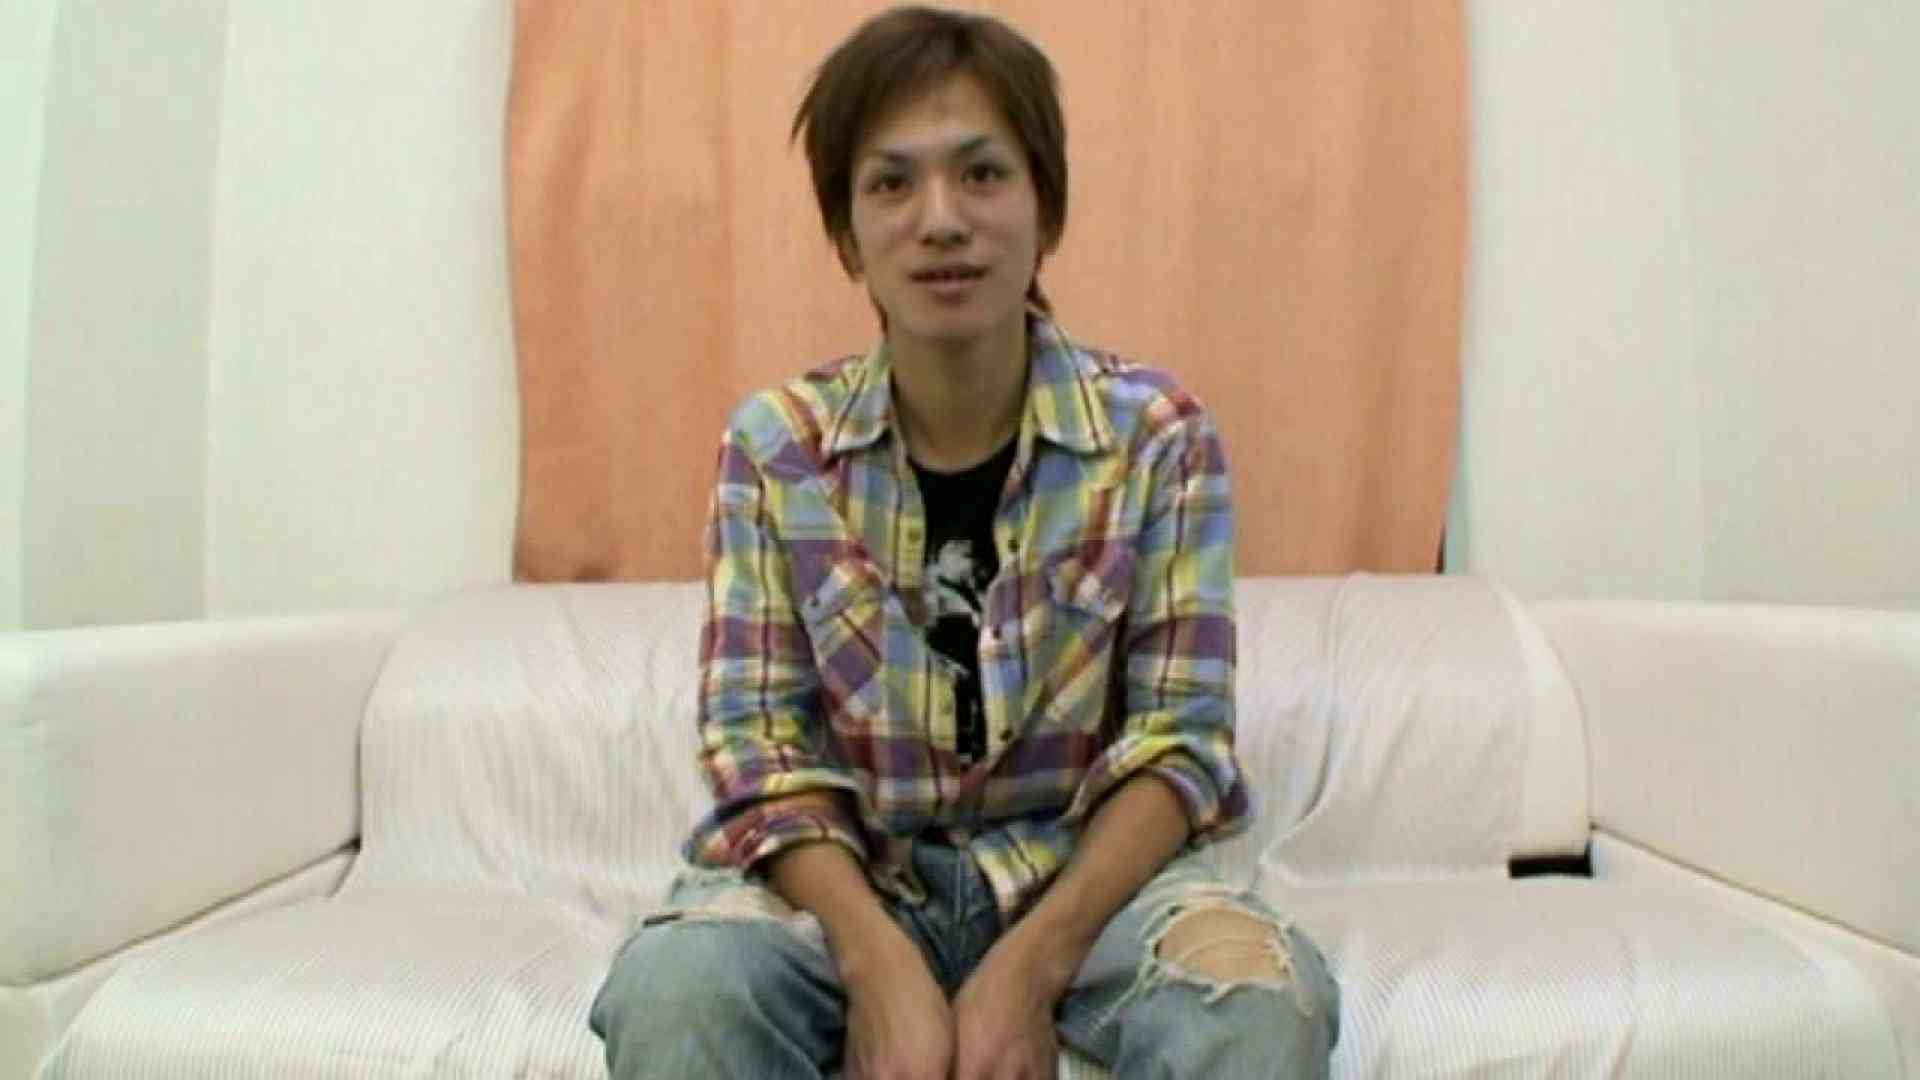 ノンケ!自慰スタジオ No.03 男・男 ゲイエロビデオ画像 101pic 45